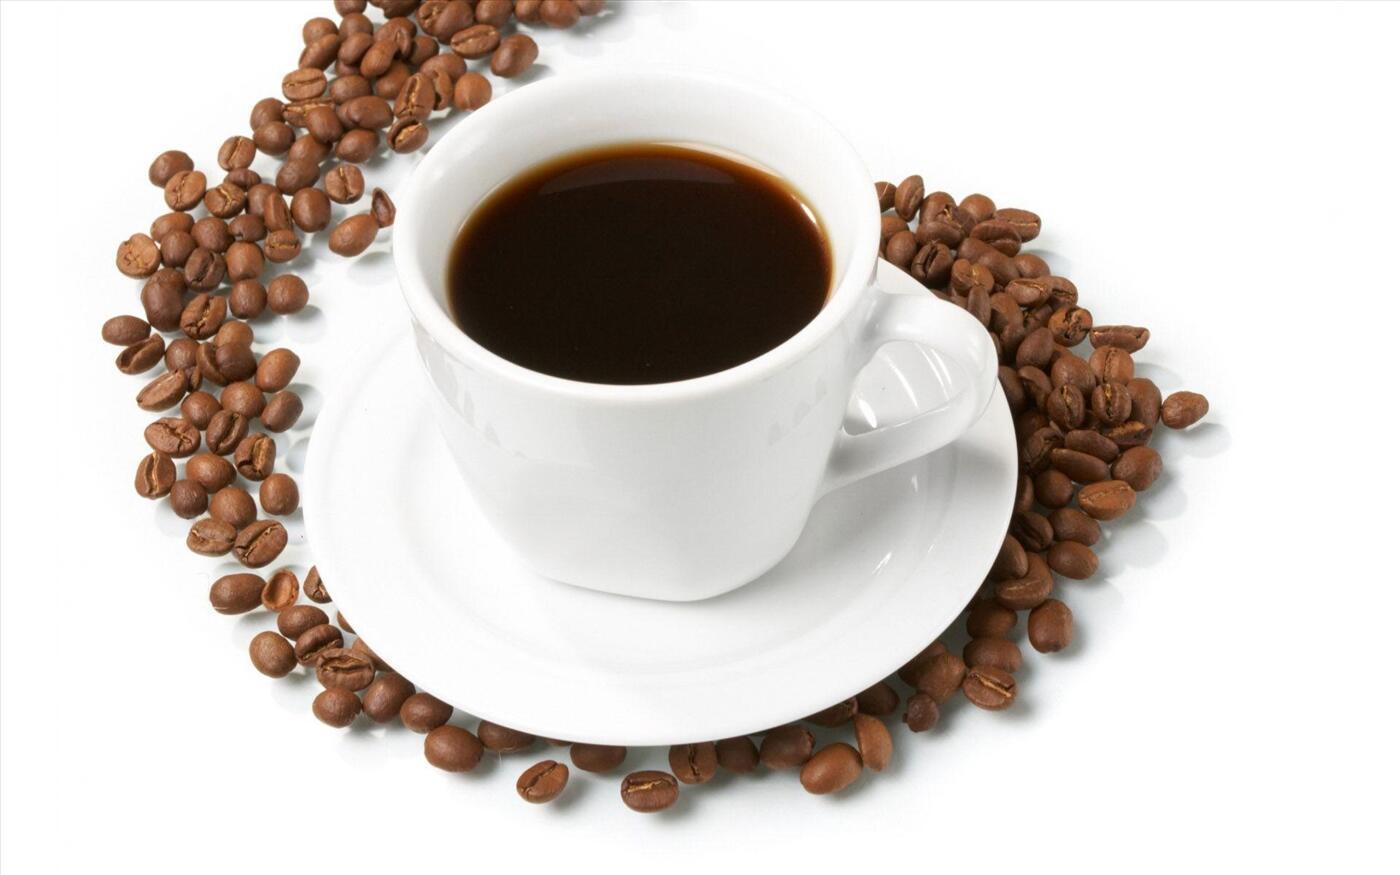 Làm sao để mua được hạt cà phê nguyên chất chuẩn vị?